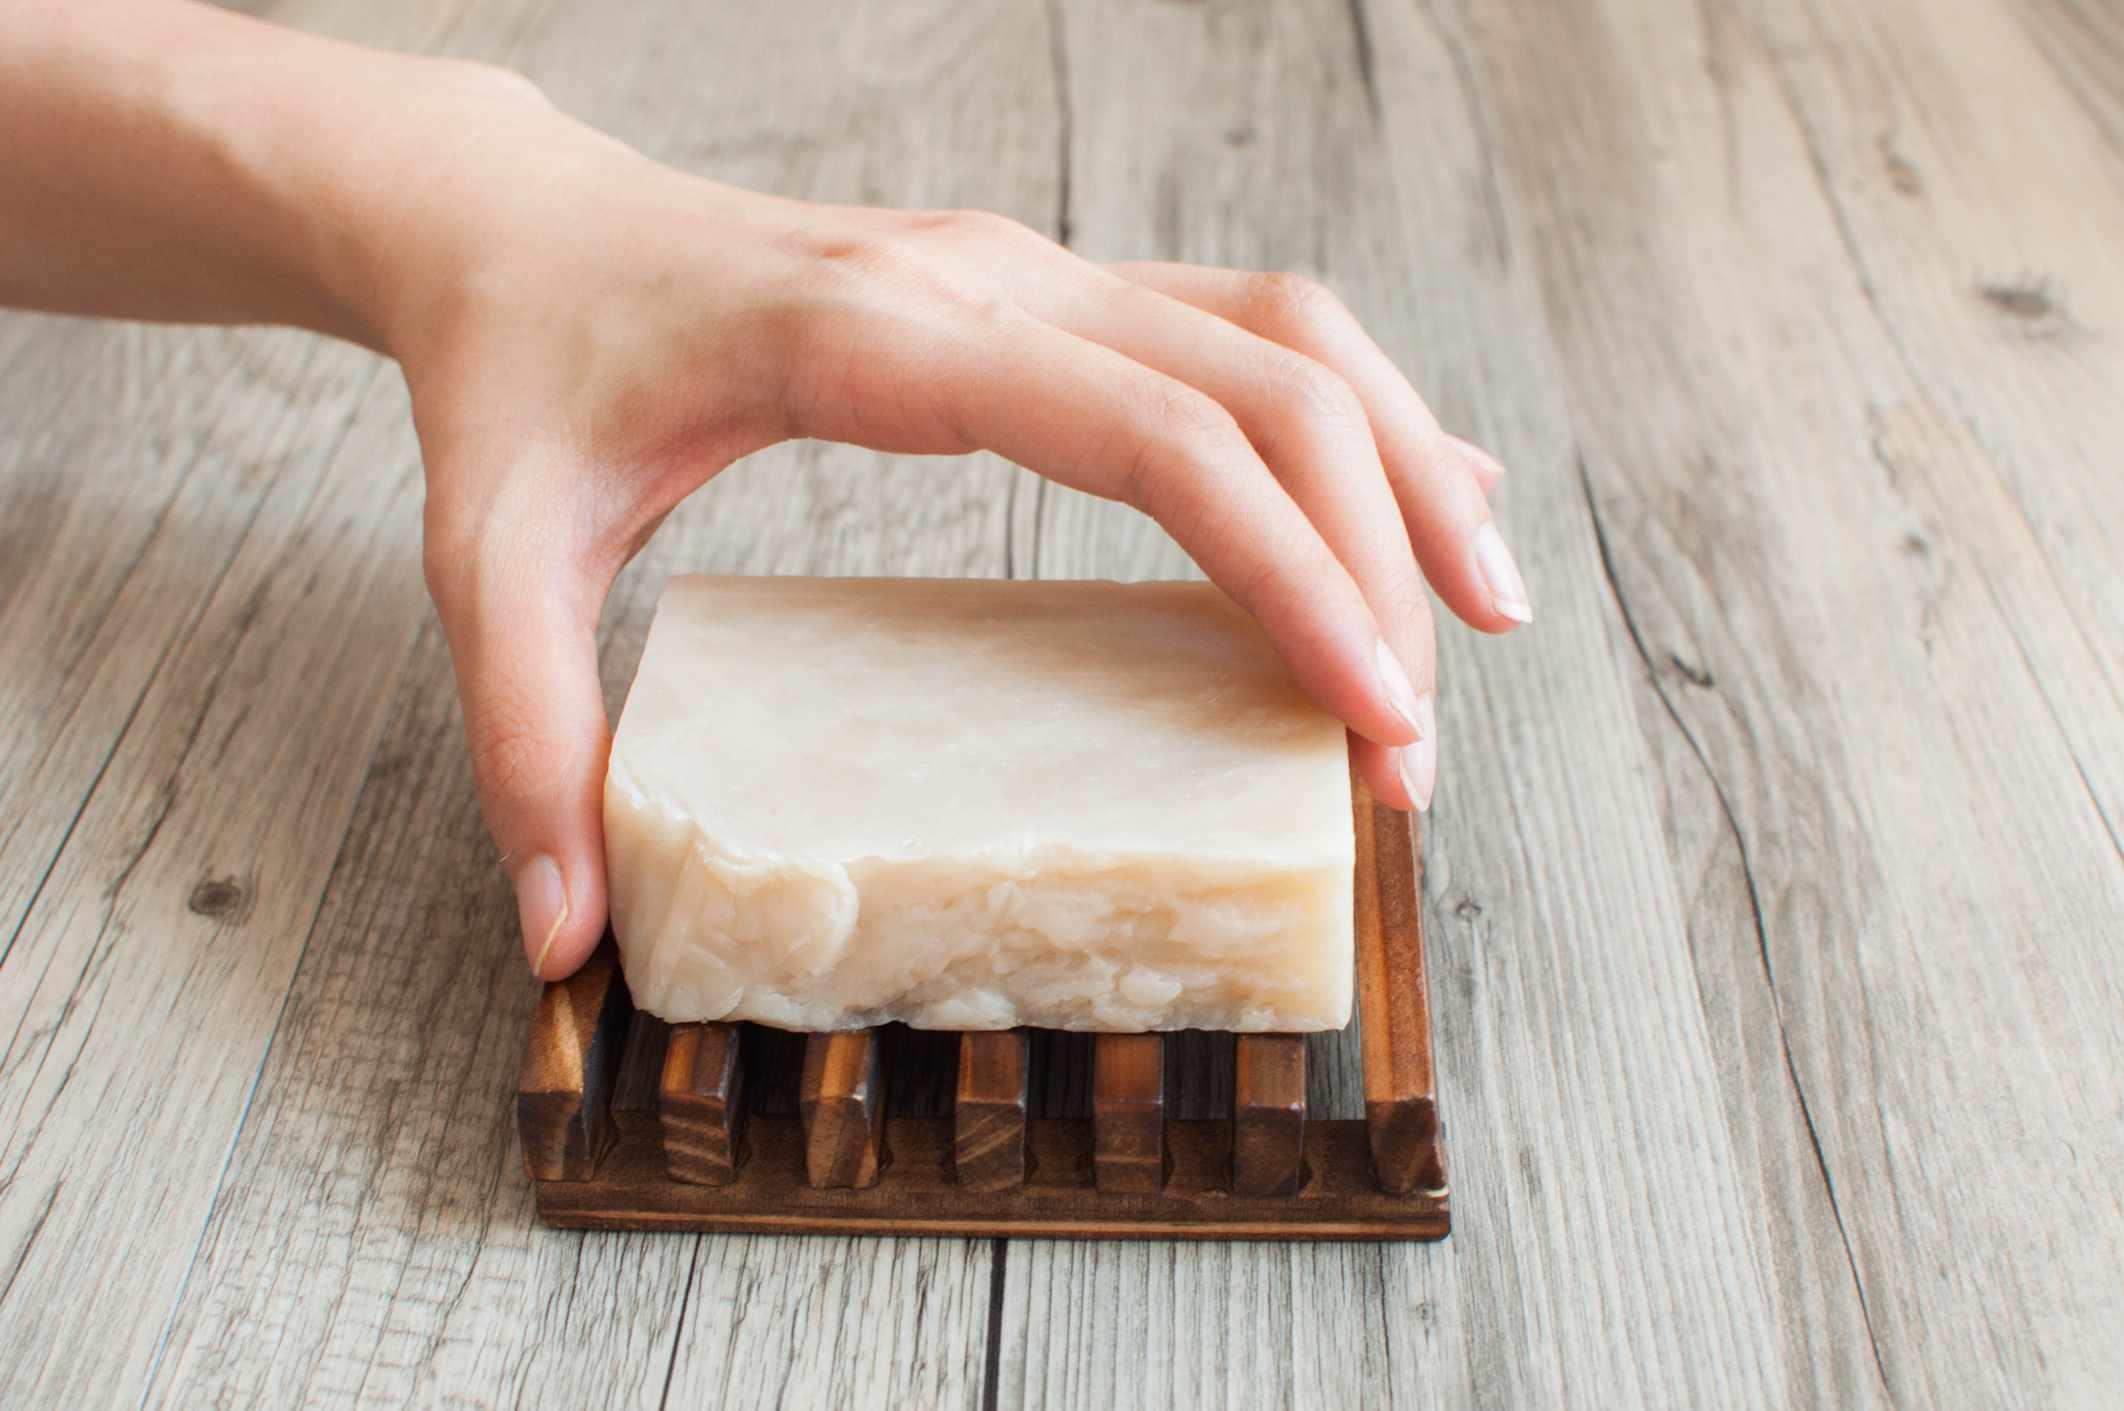 Hand reaching for homemade shampoo bar